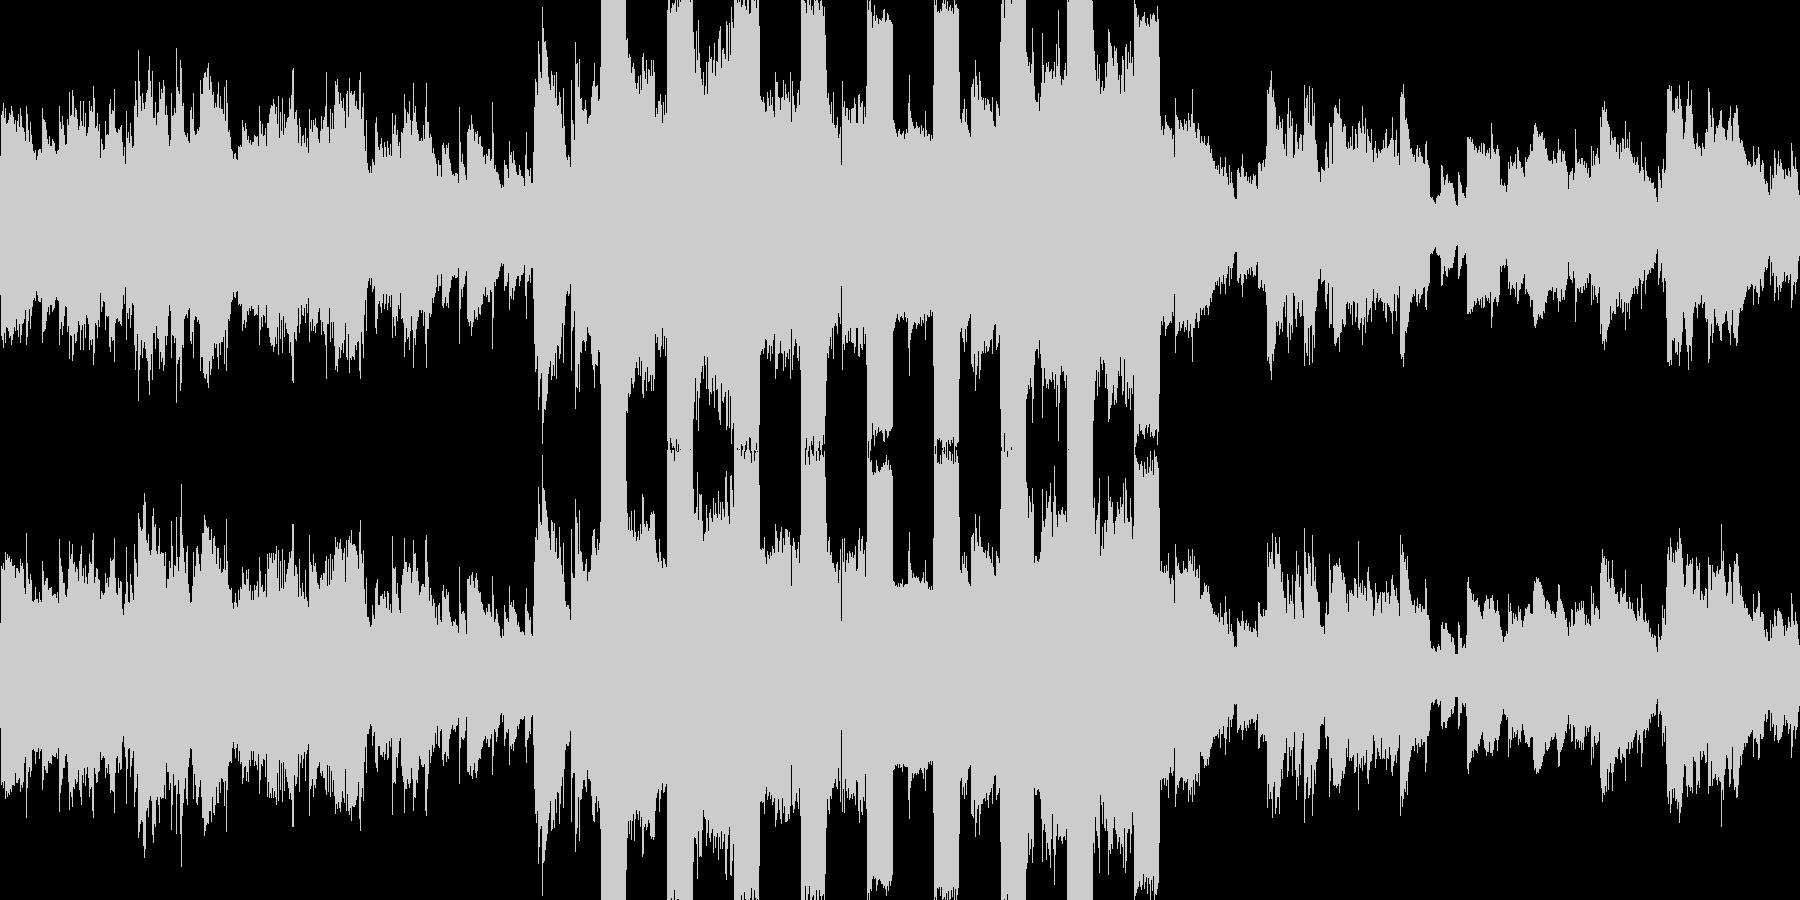 カオスなストリングス、アブノーマルな曲の未再生の波形